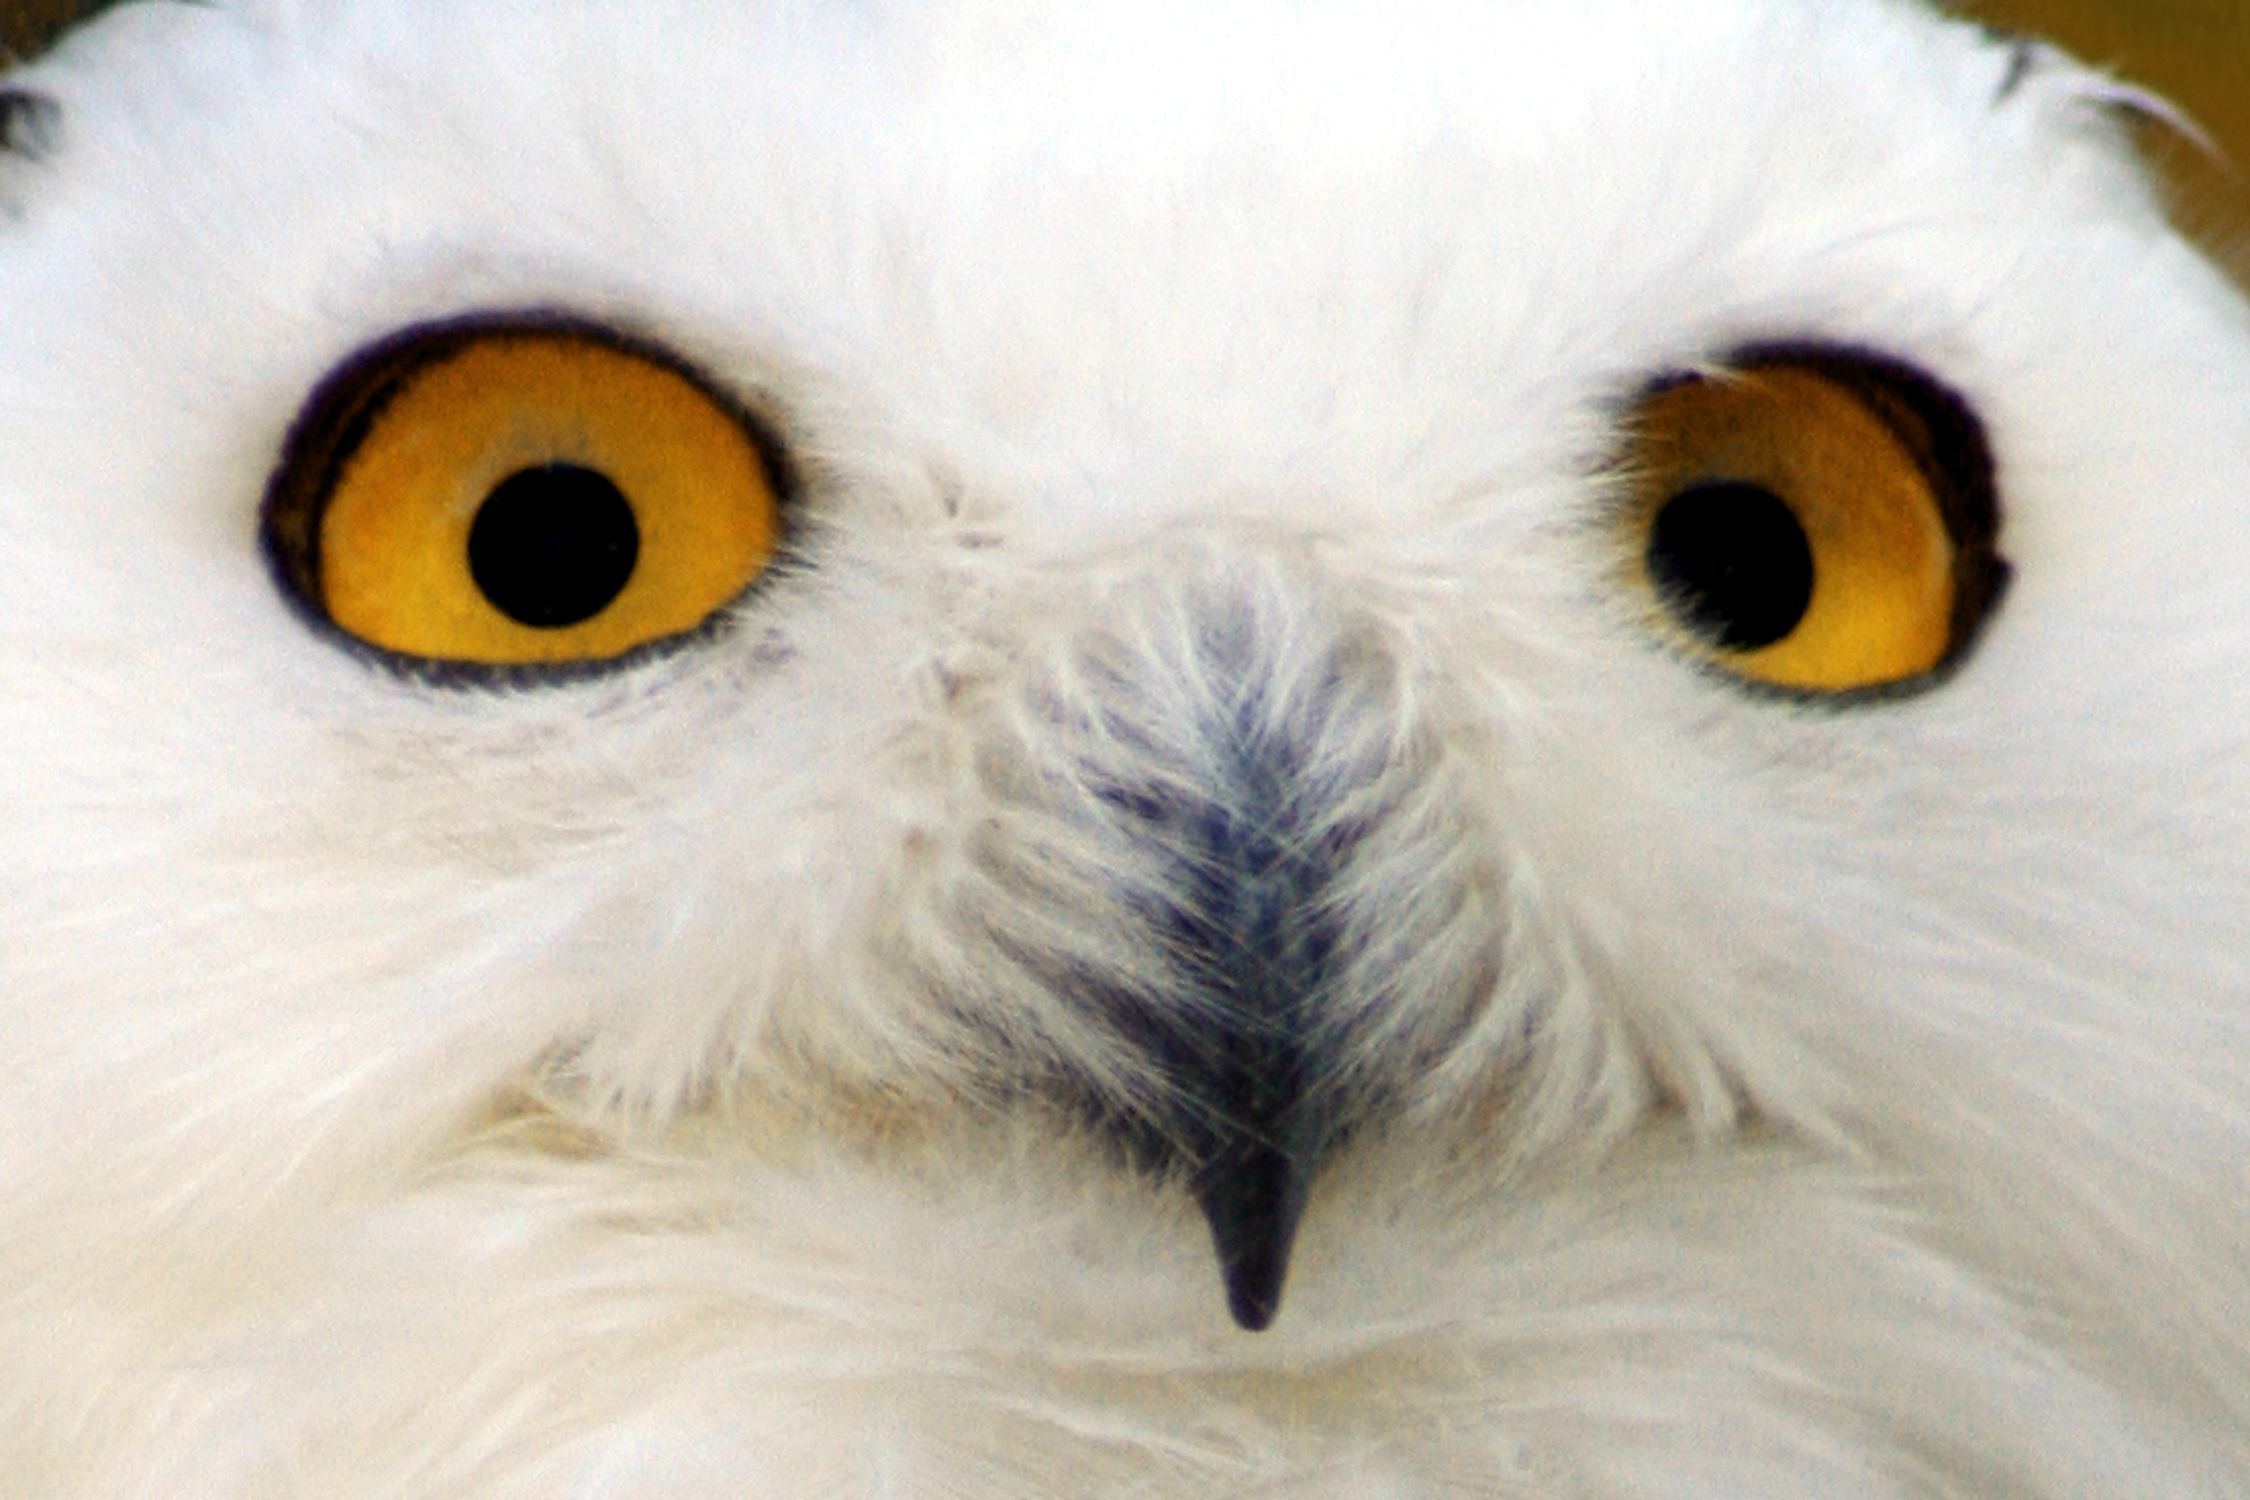 Bild mit Tiere, Menschen, Körperteile, Köpfe, Augen, Nasen, Vögel, Raubvögel, Eulen, Schneeeulen, Tier, Eule, Schneeeule, Schnee Eule, Uhu, Bubo scandiacus, Bubo scandiaca, Nyctea scandiaca, Uhus, Bubo, Vogelart